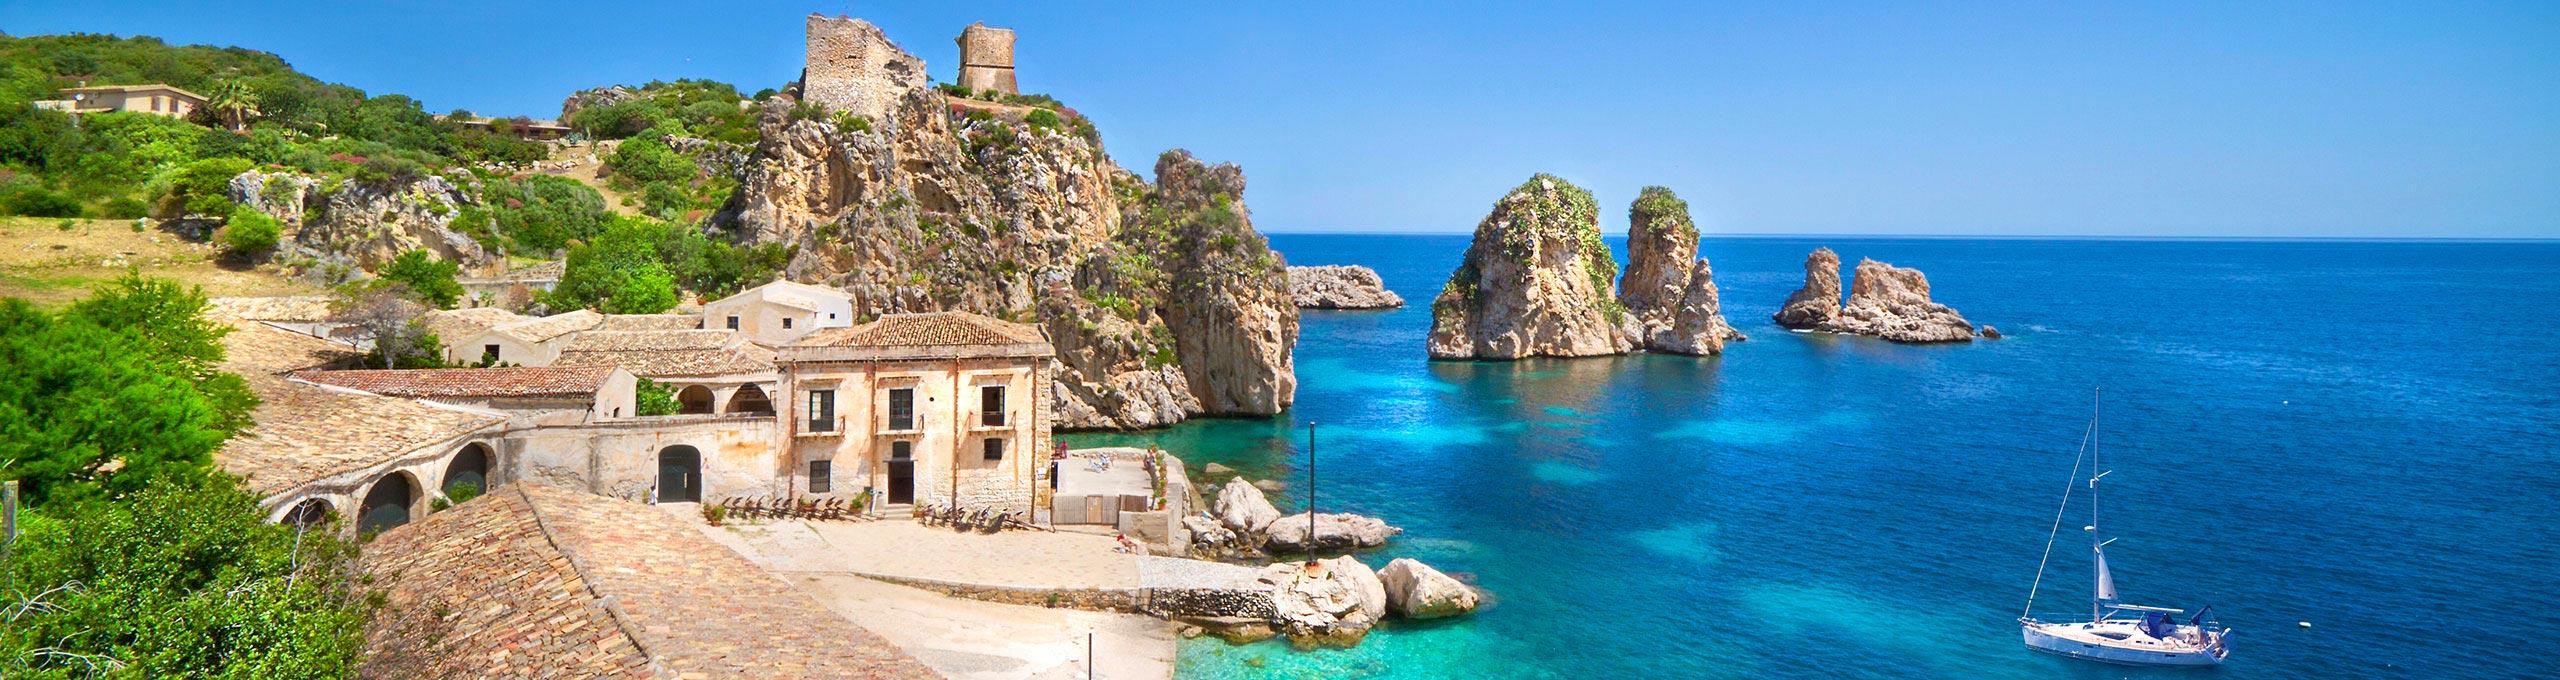 Le Residenze Di Archimede Foto castelli palazzi e residenze nobiliari sicilia - visit italy